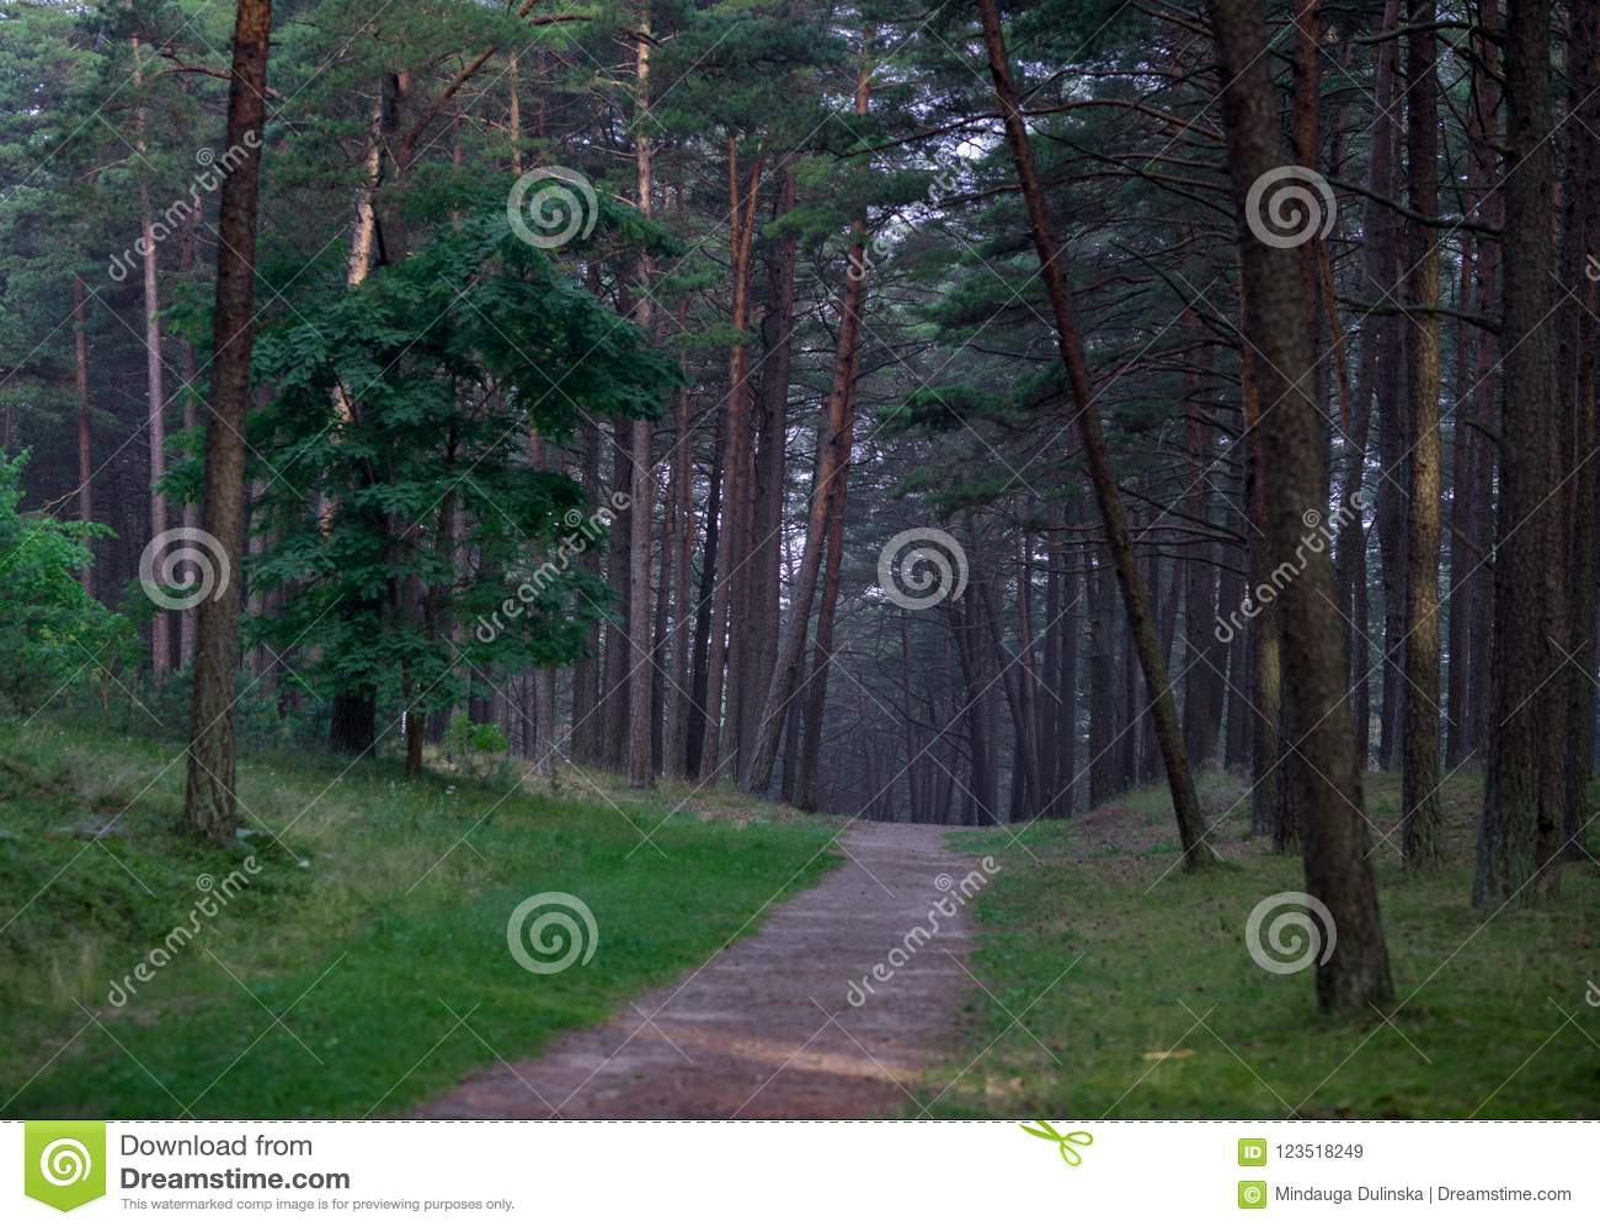 Kiefern-Wald in Litauen mit Weg und Gras